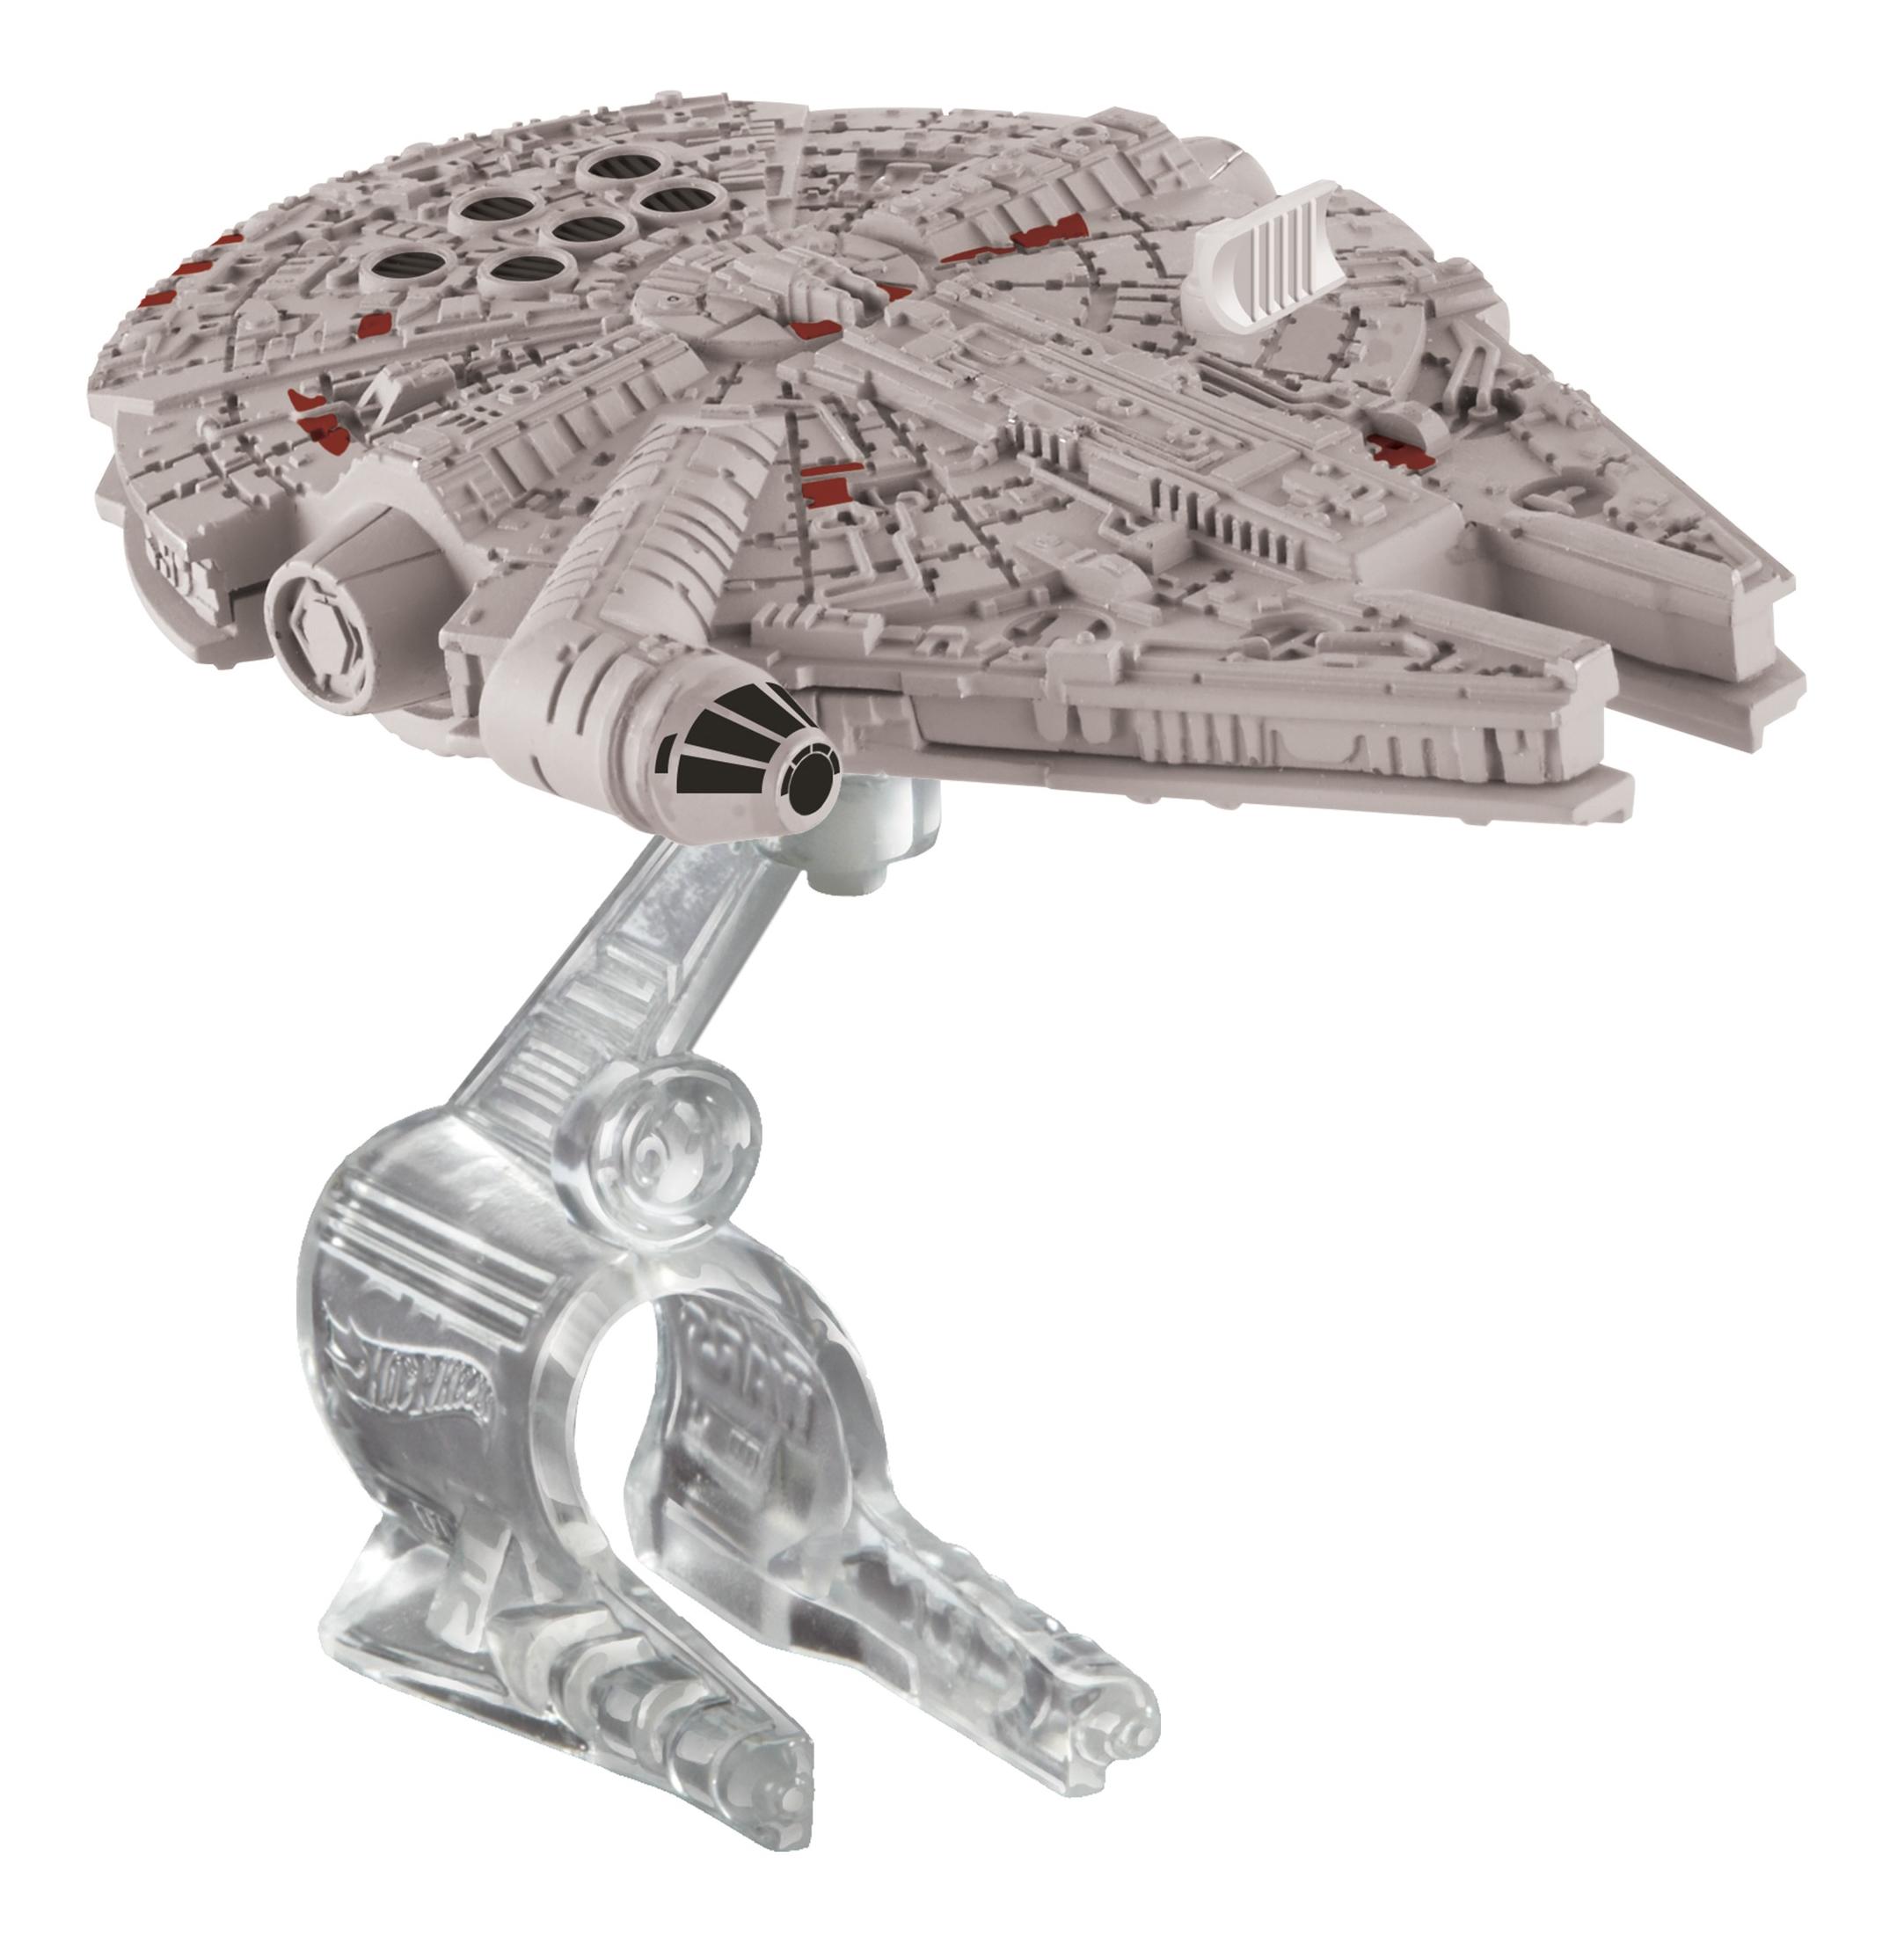 Купить Millennium Falcon Starship, Истребитель Hot Wheels Звездолёты серии Звёздные войны CGW52 CKJ66, Воздушный транспорт